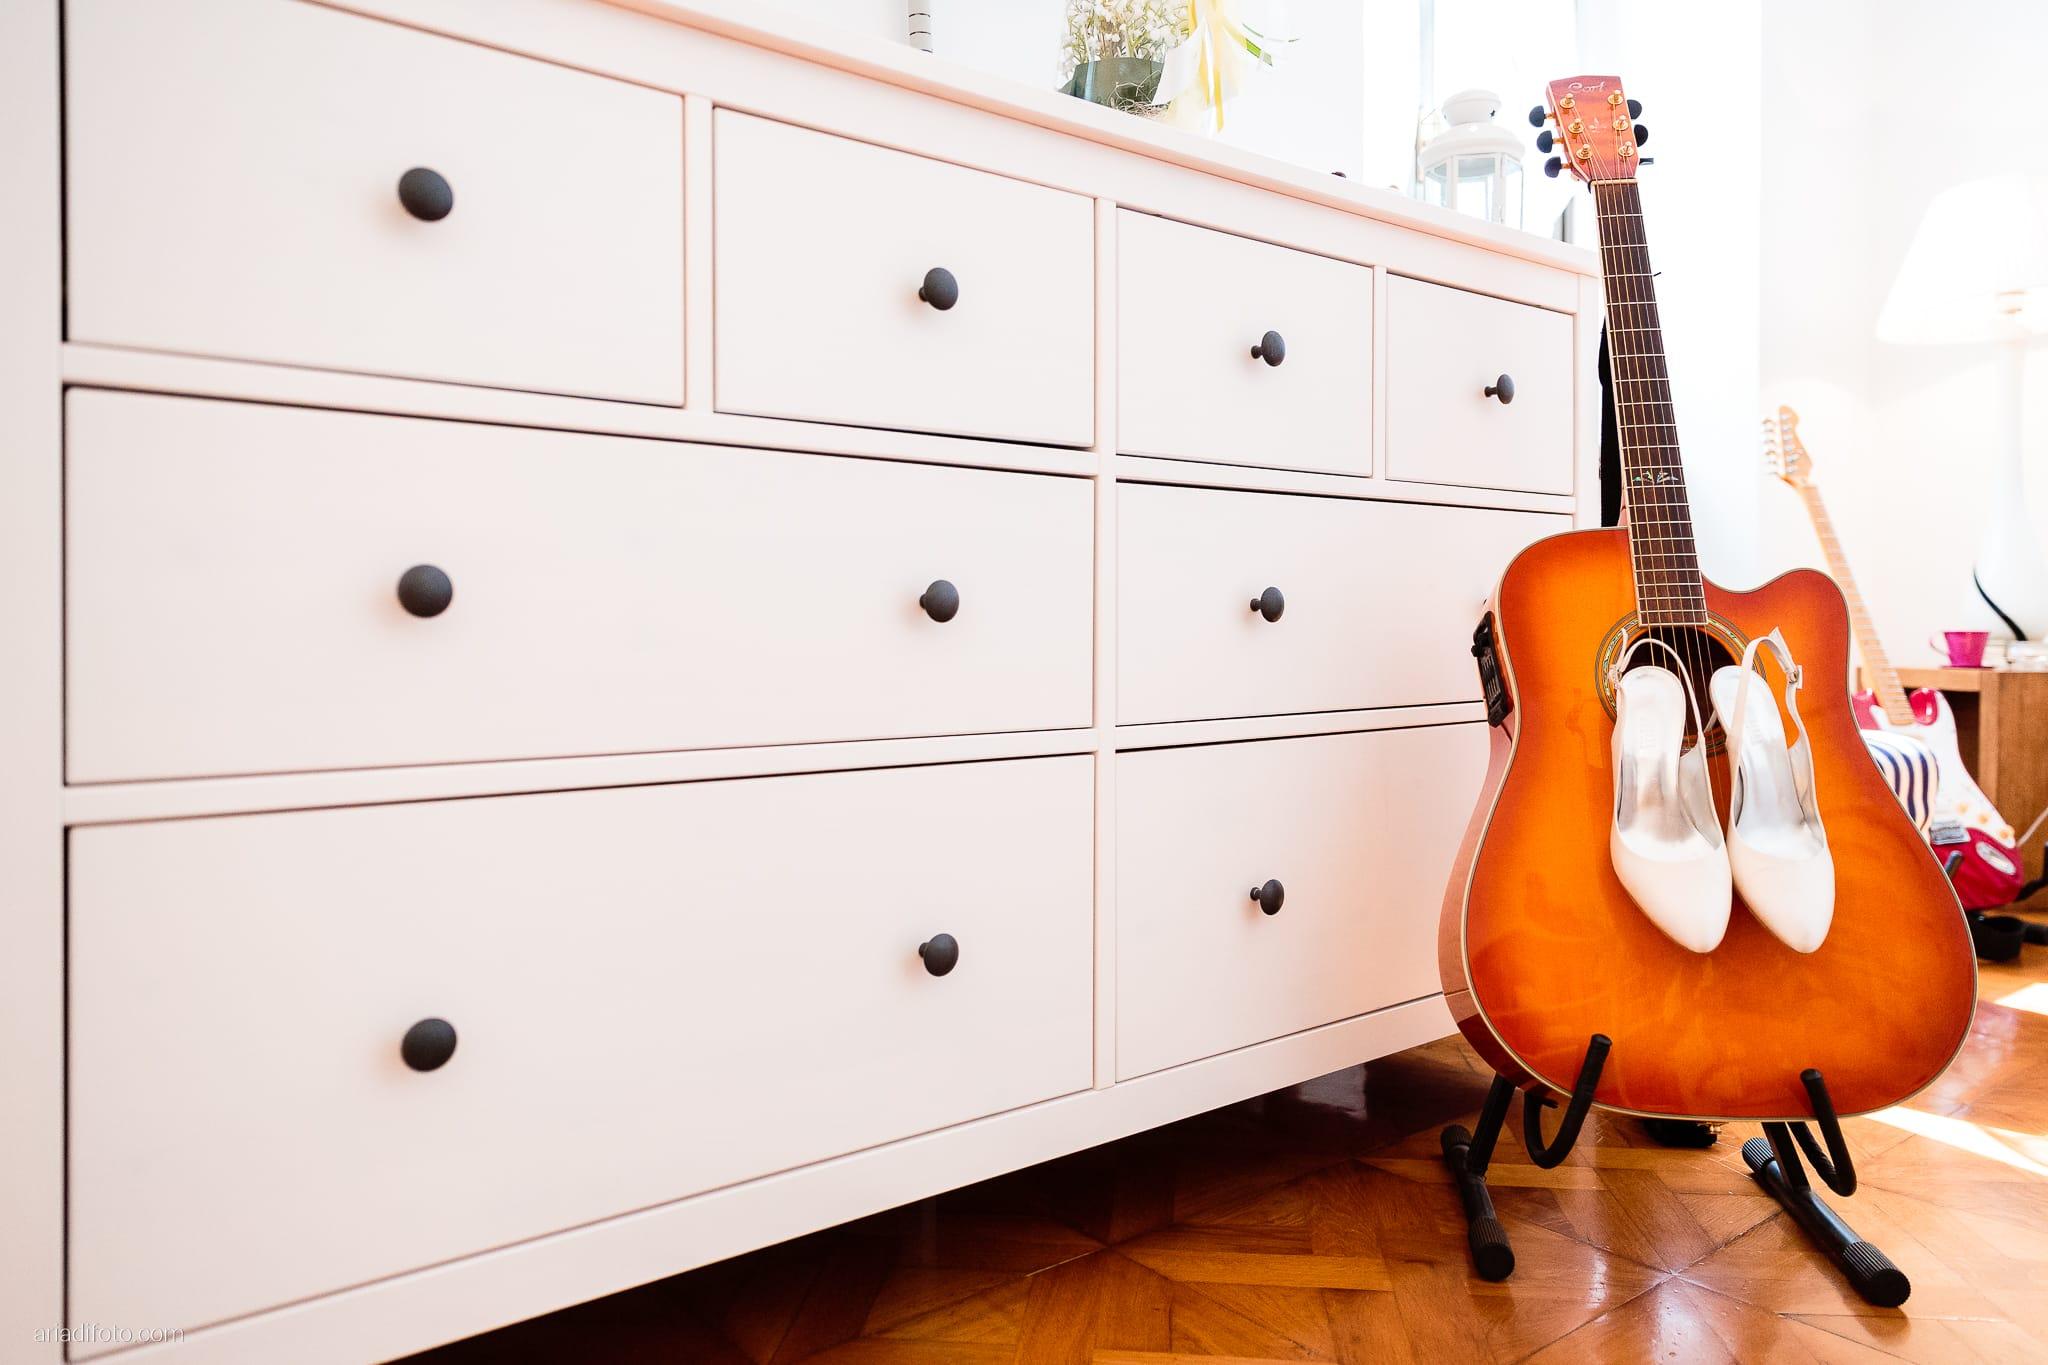 Giulia Paolo Matrimonio Trieste Villa Iachia Ruda Udine preparativi dettagli scarpe chitarra